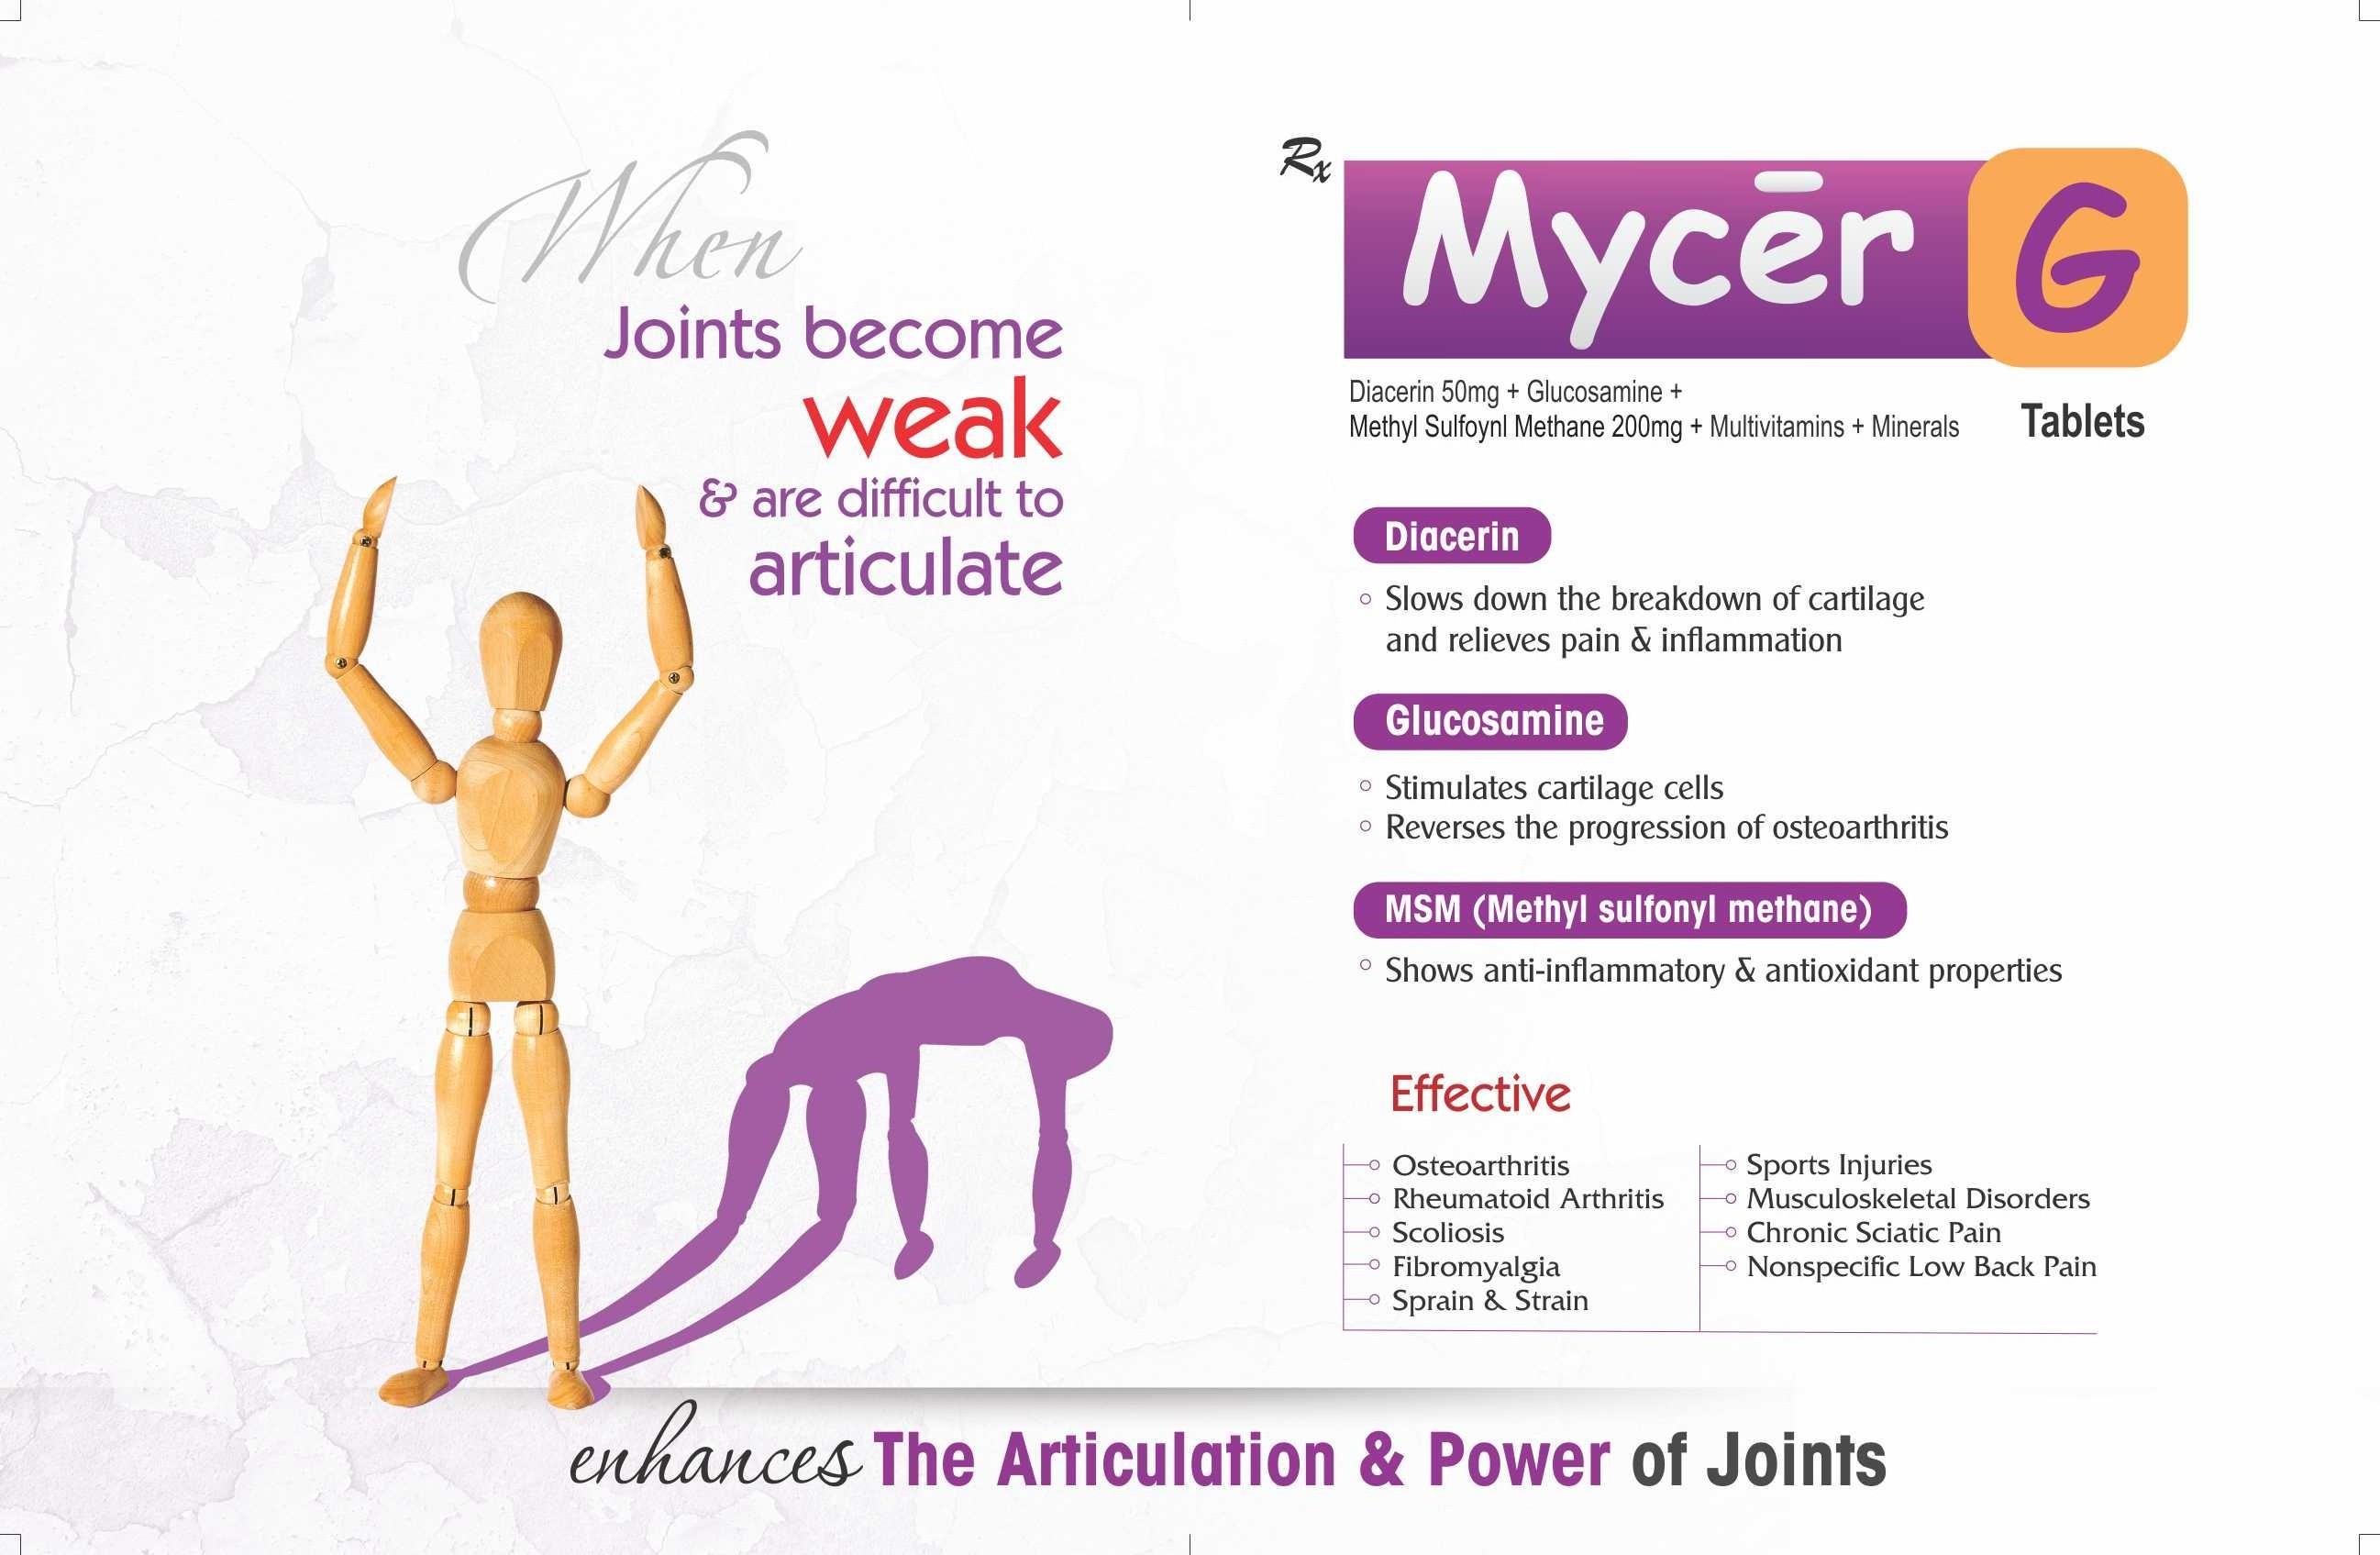 Mycer-G